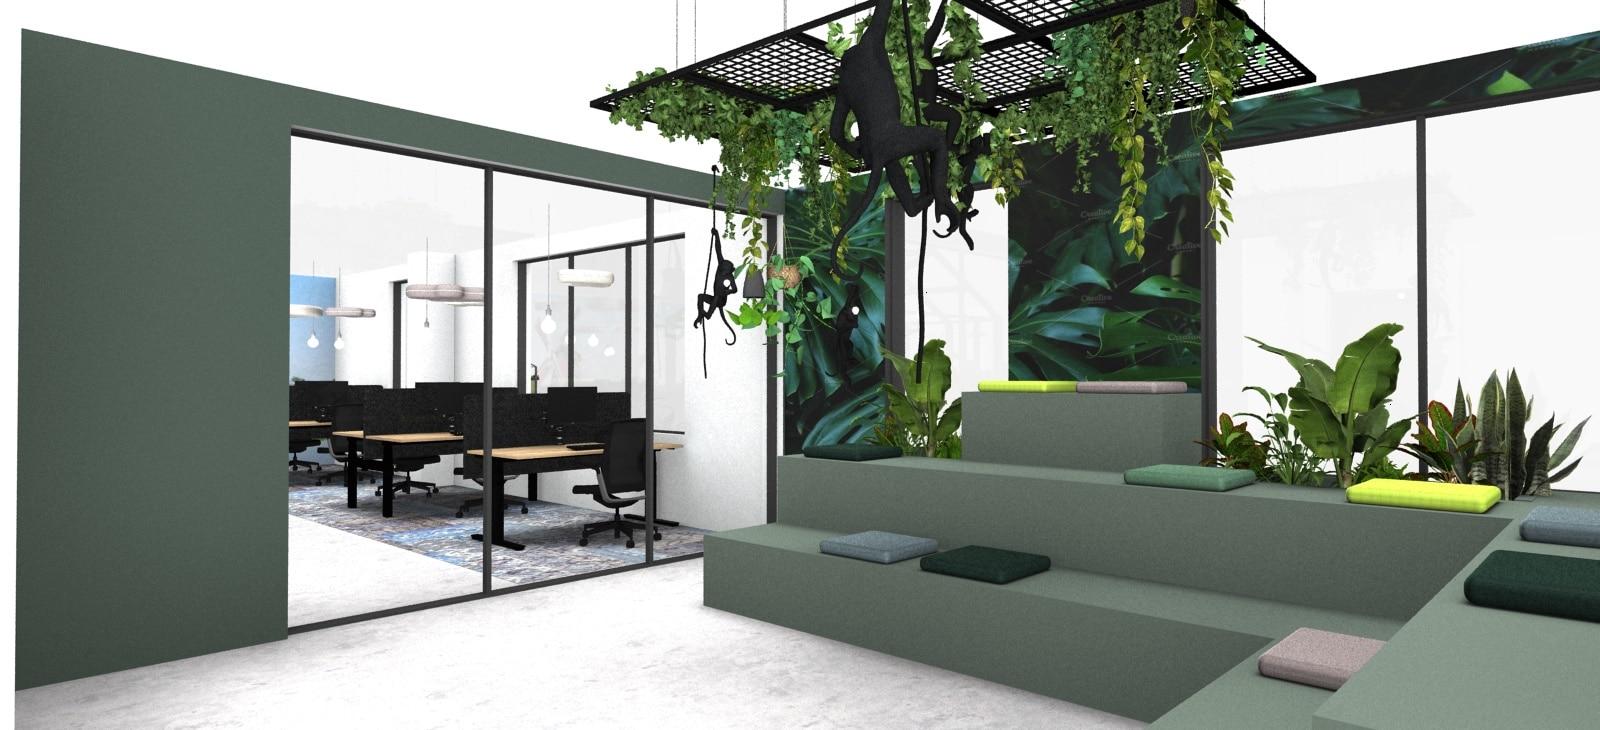 interieur ontwerp hybride werken